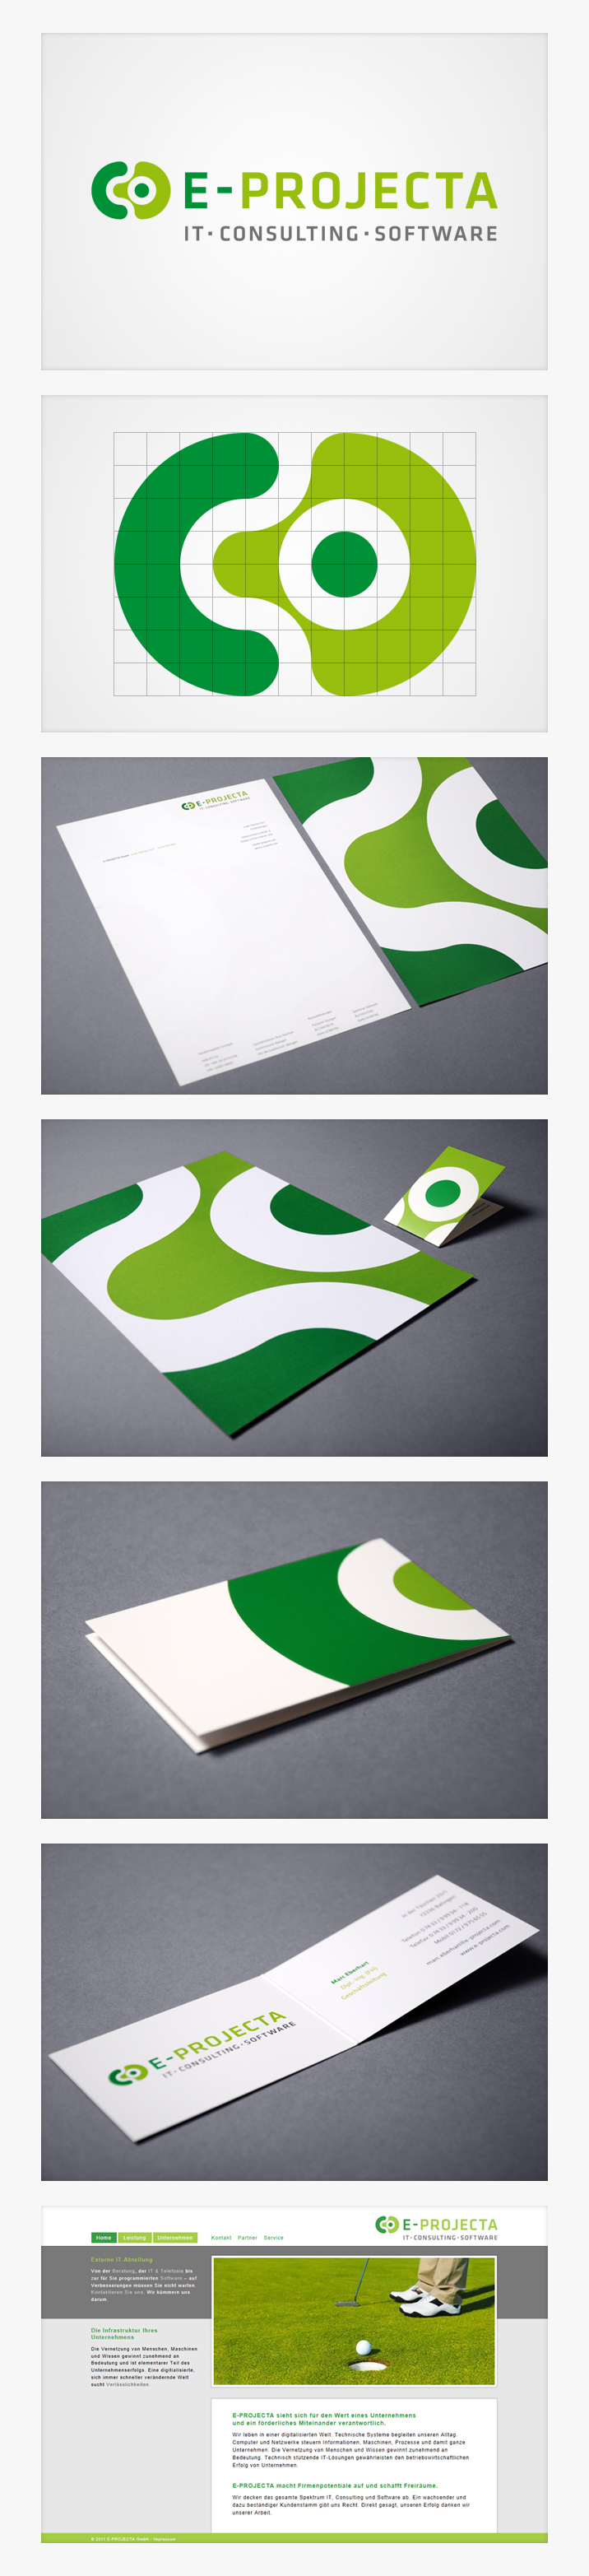 Design Concept IT Consulting